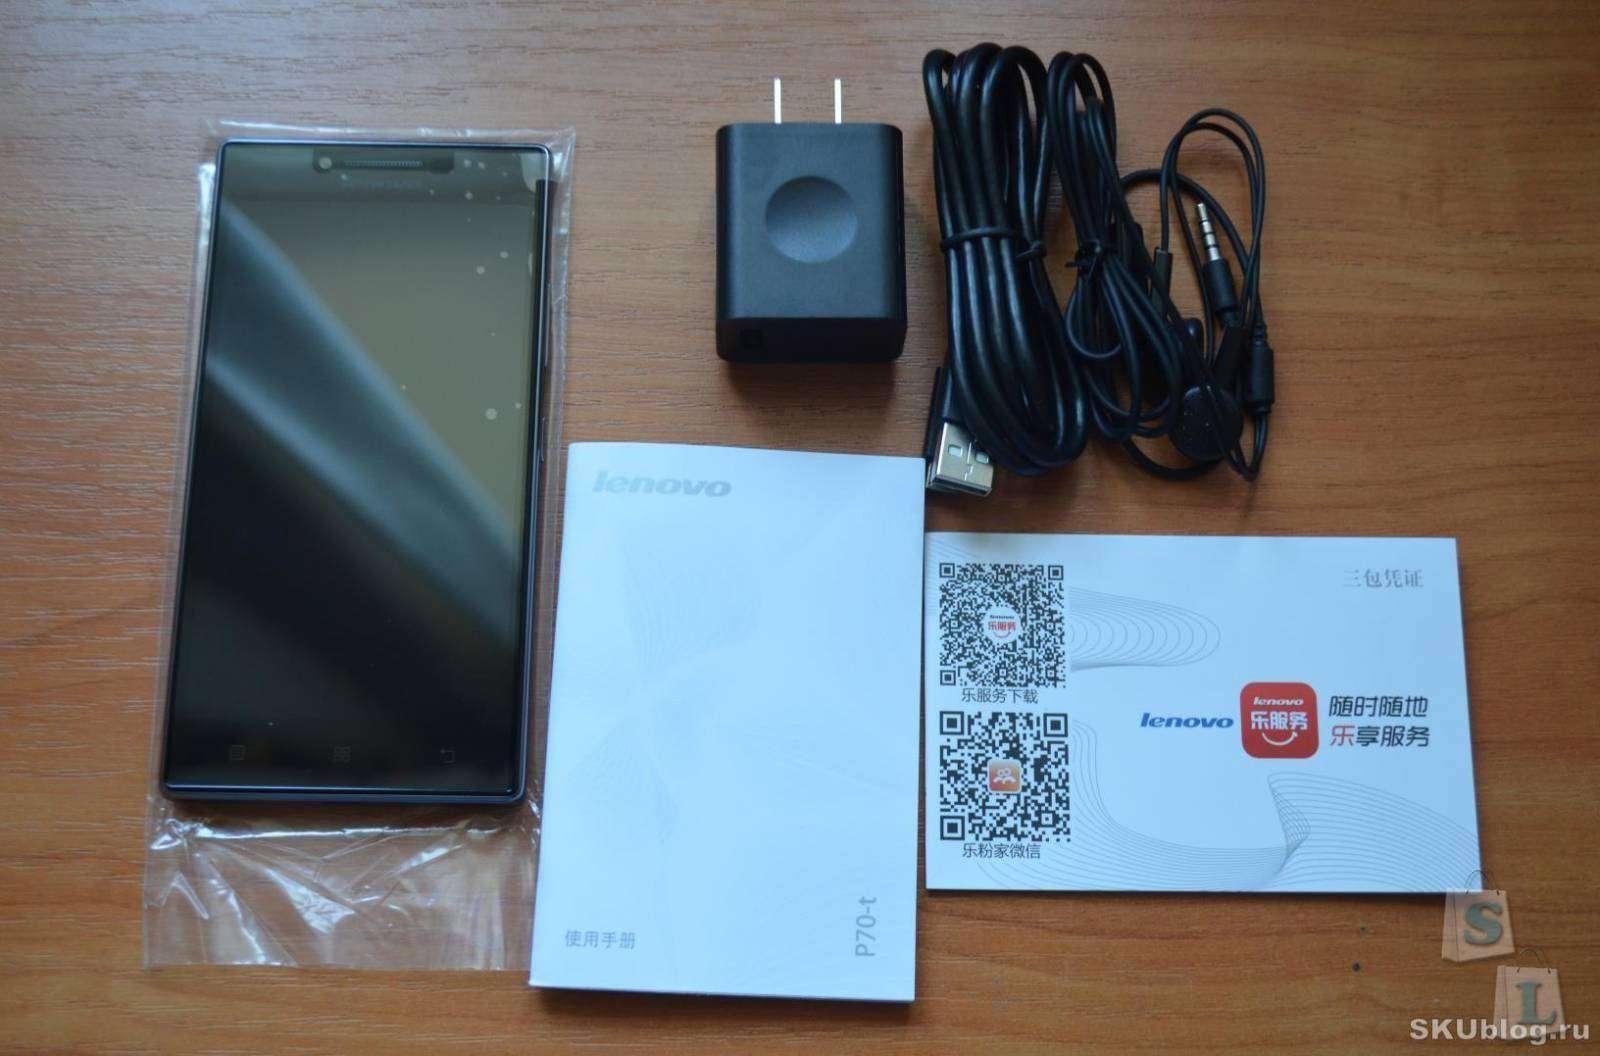 Lightinthebox: Lenovo P70 (P70-t) - жизнь без 3G. Сравнение с P70-A.